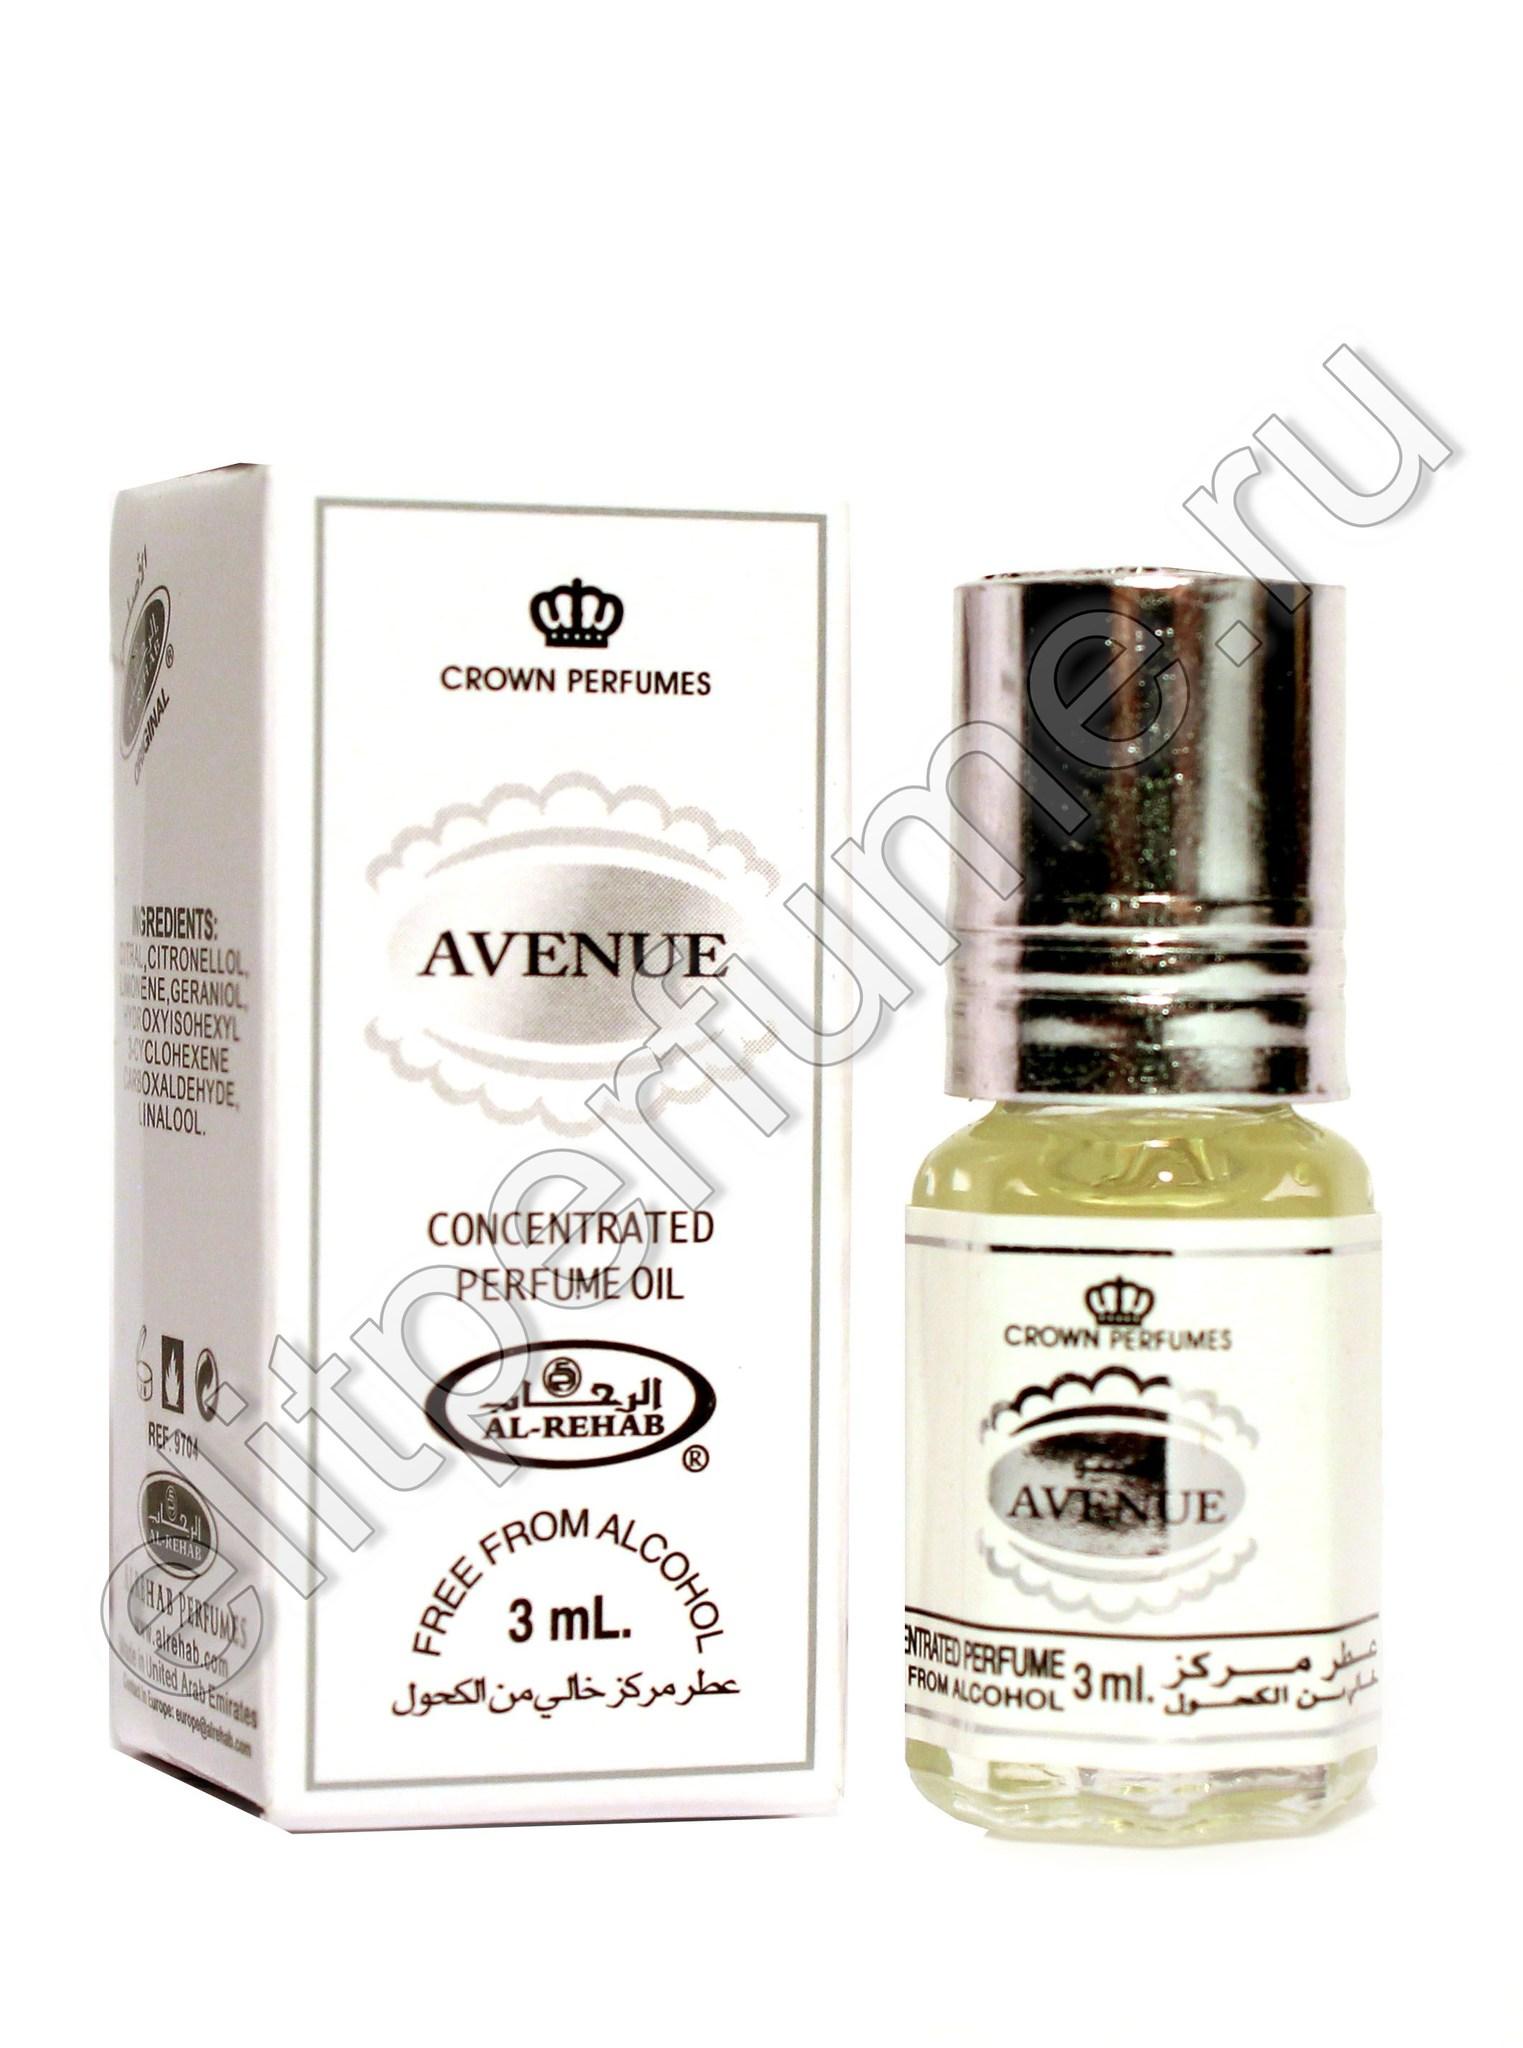 Avenue Авеню 3 мл арабские мужские масляные духи от Аль Рехаб Al Rehab